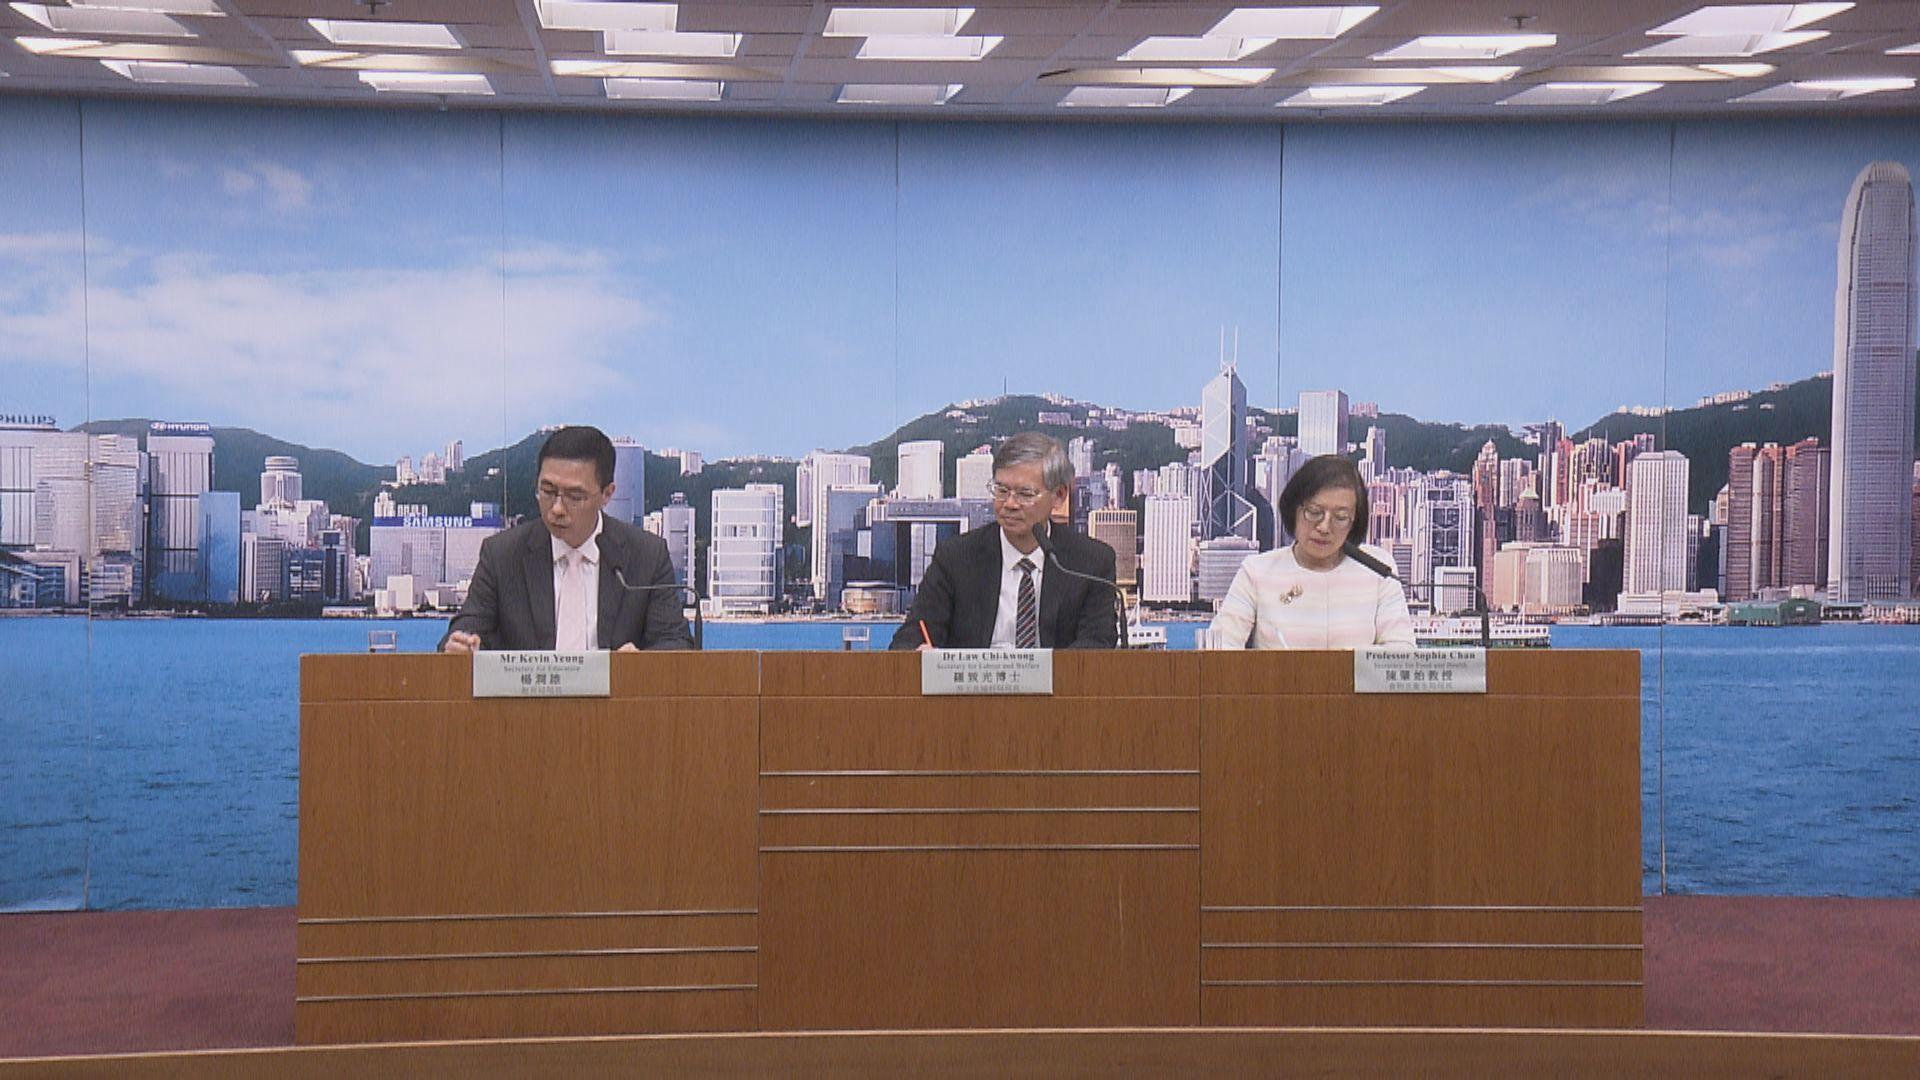 楊潤雄籲家長避免子女參與危險及違法活動